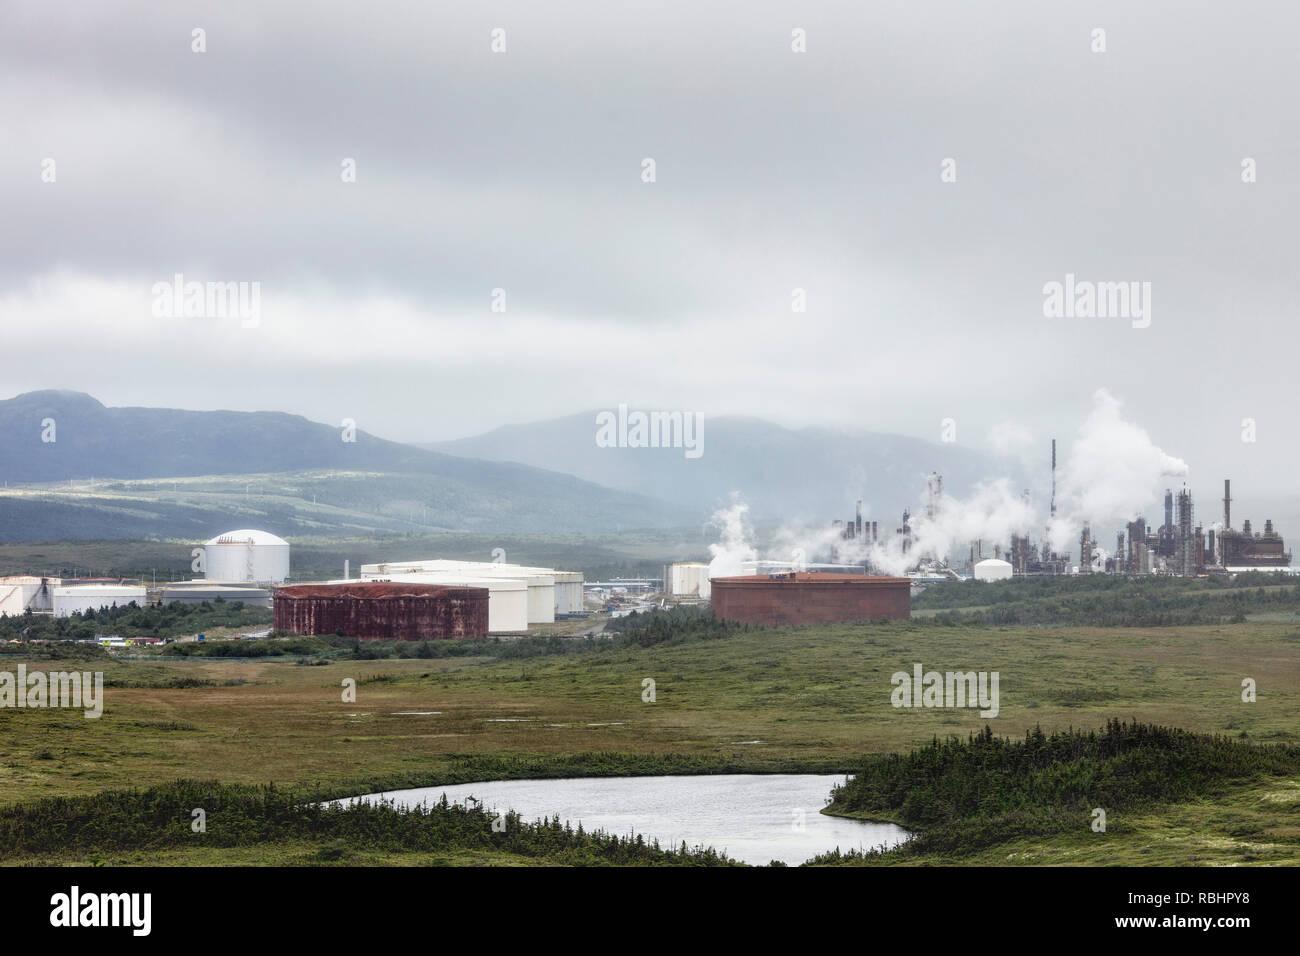 Venez PAR HASARD / ARNOLD'S COVE, Terre-Neuve, Canada - le 17 août 2018: la raffinerie de pétrole de l'Atlantique Nord à l'extérieur des villes de Come By Chance et Arnold Photo Stock